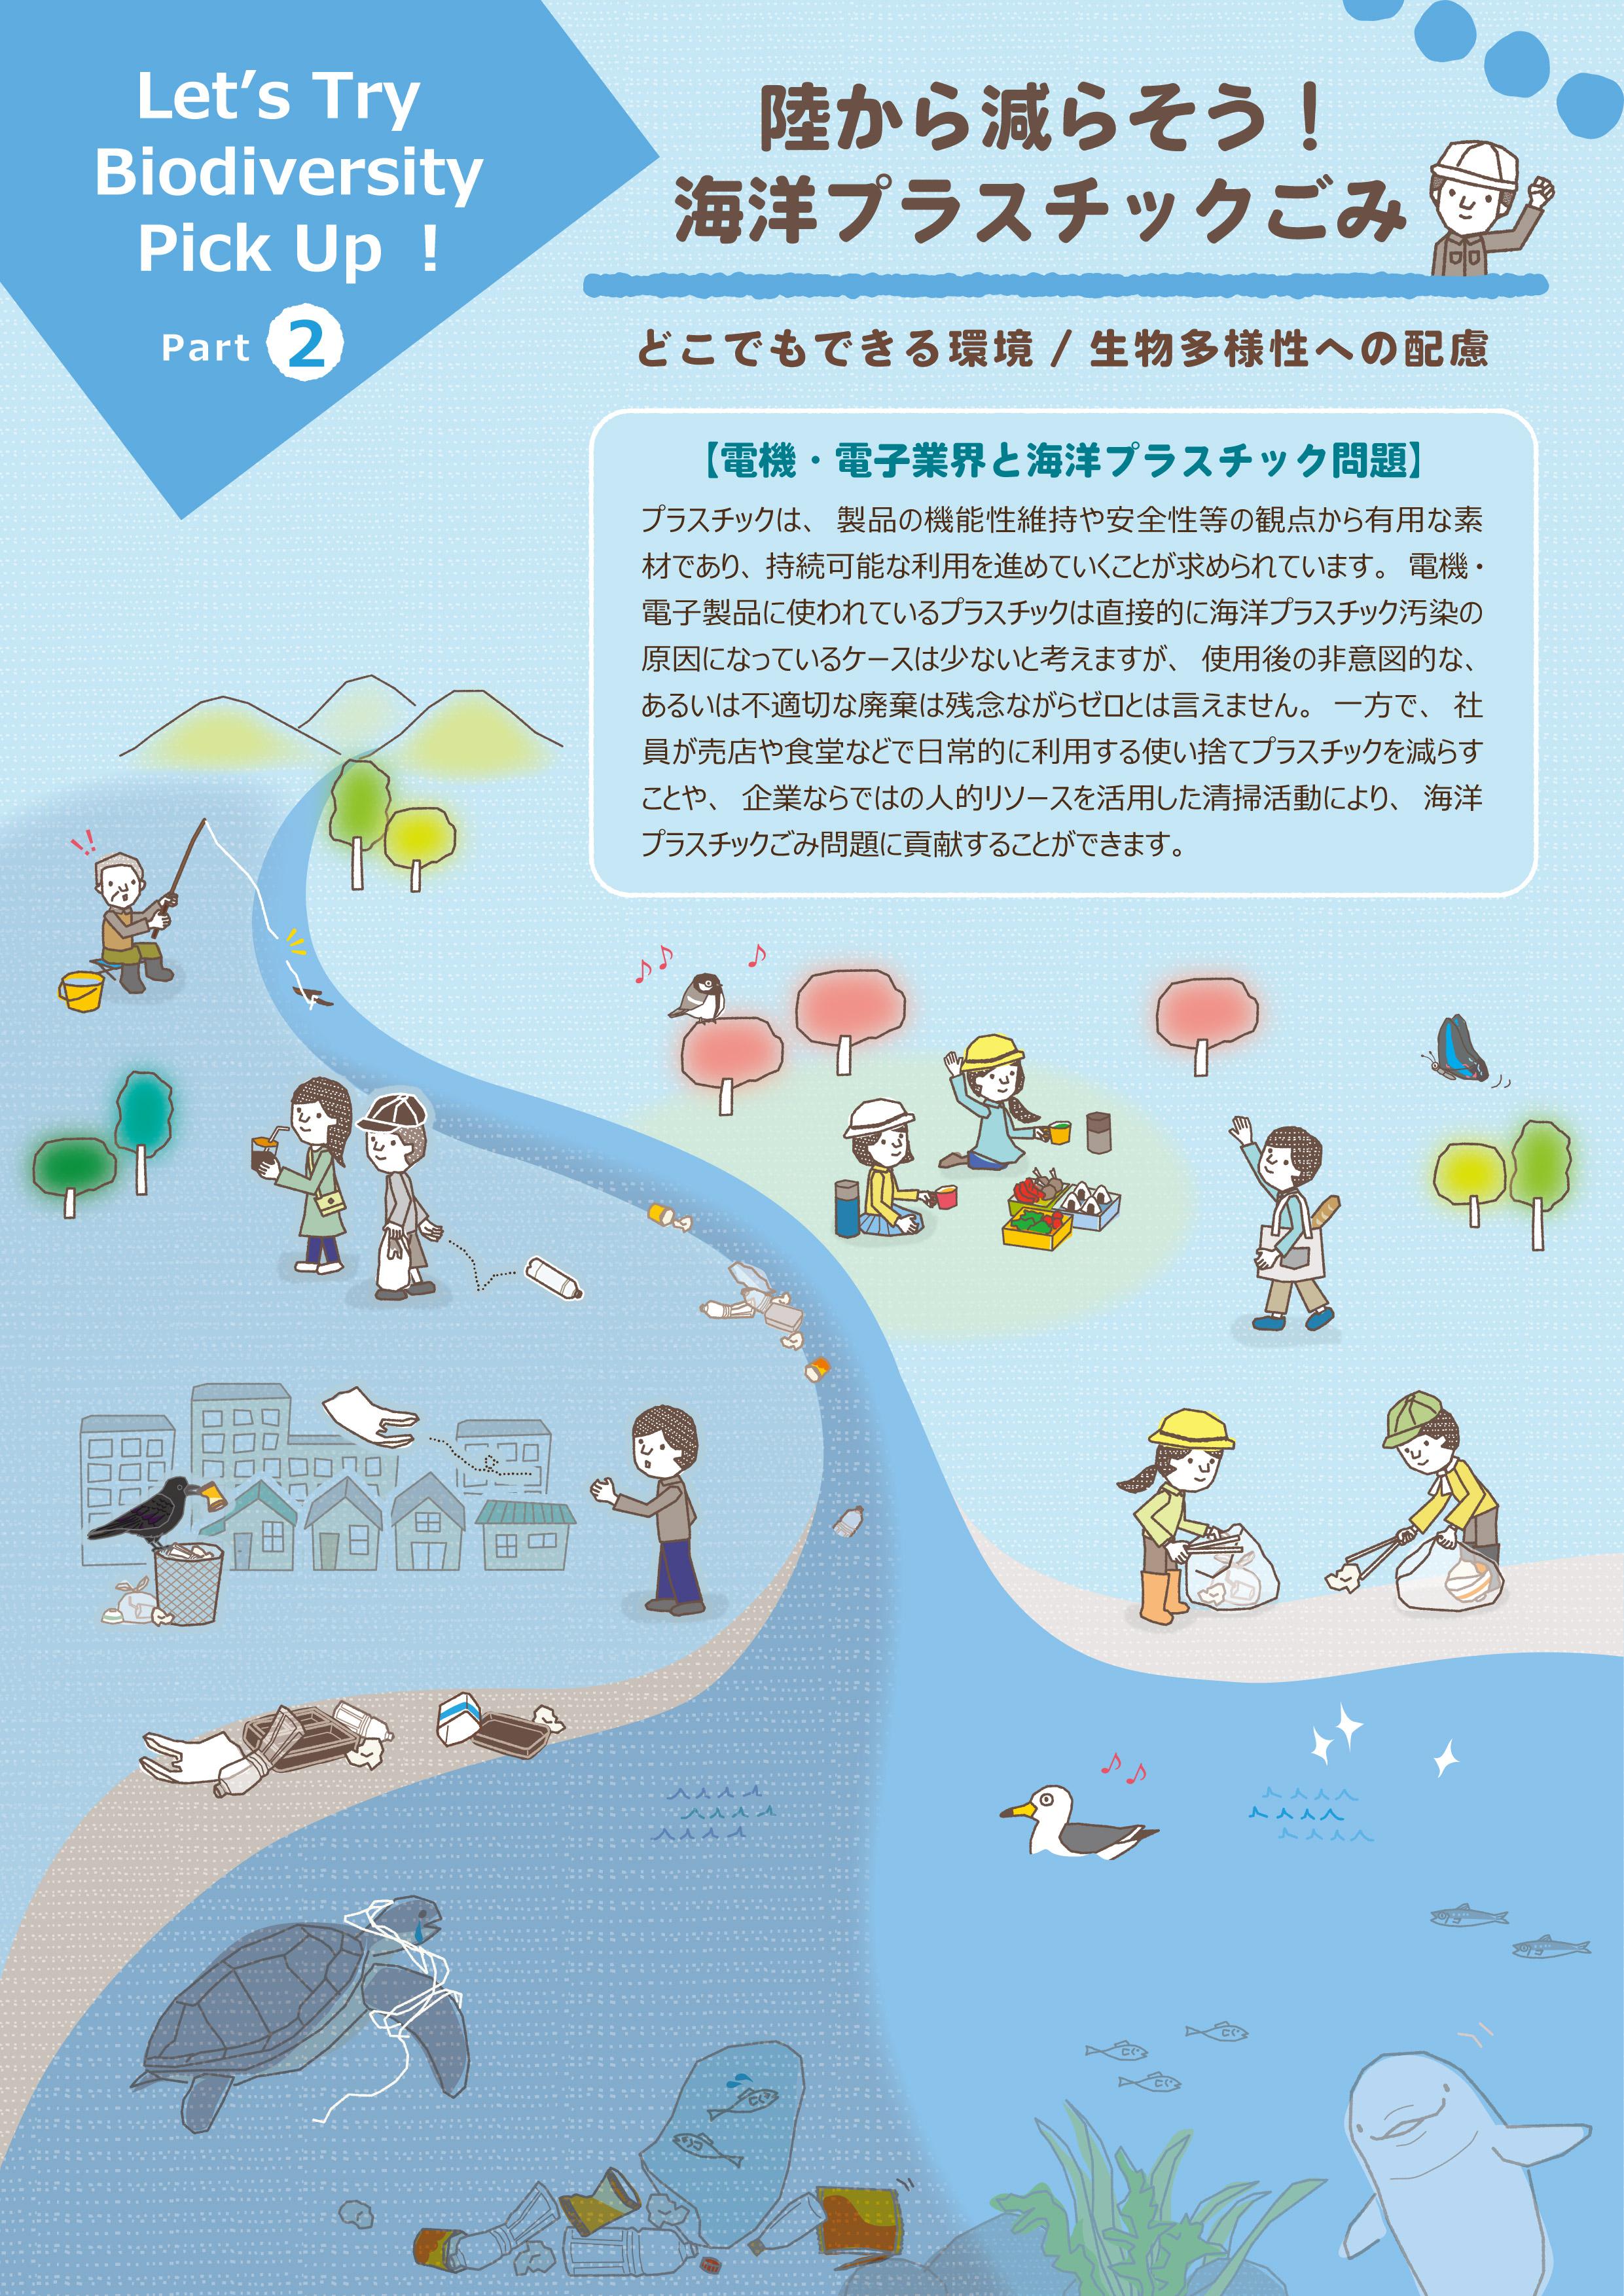 電機・電子業界4団体 課題解決へ目標策定の画像